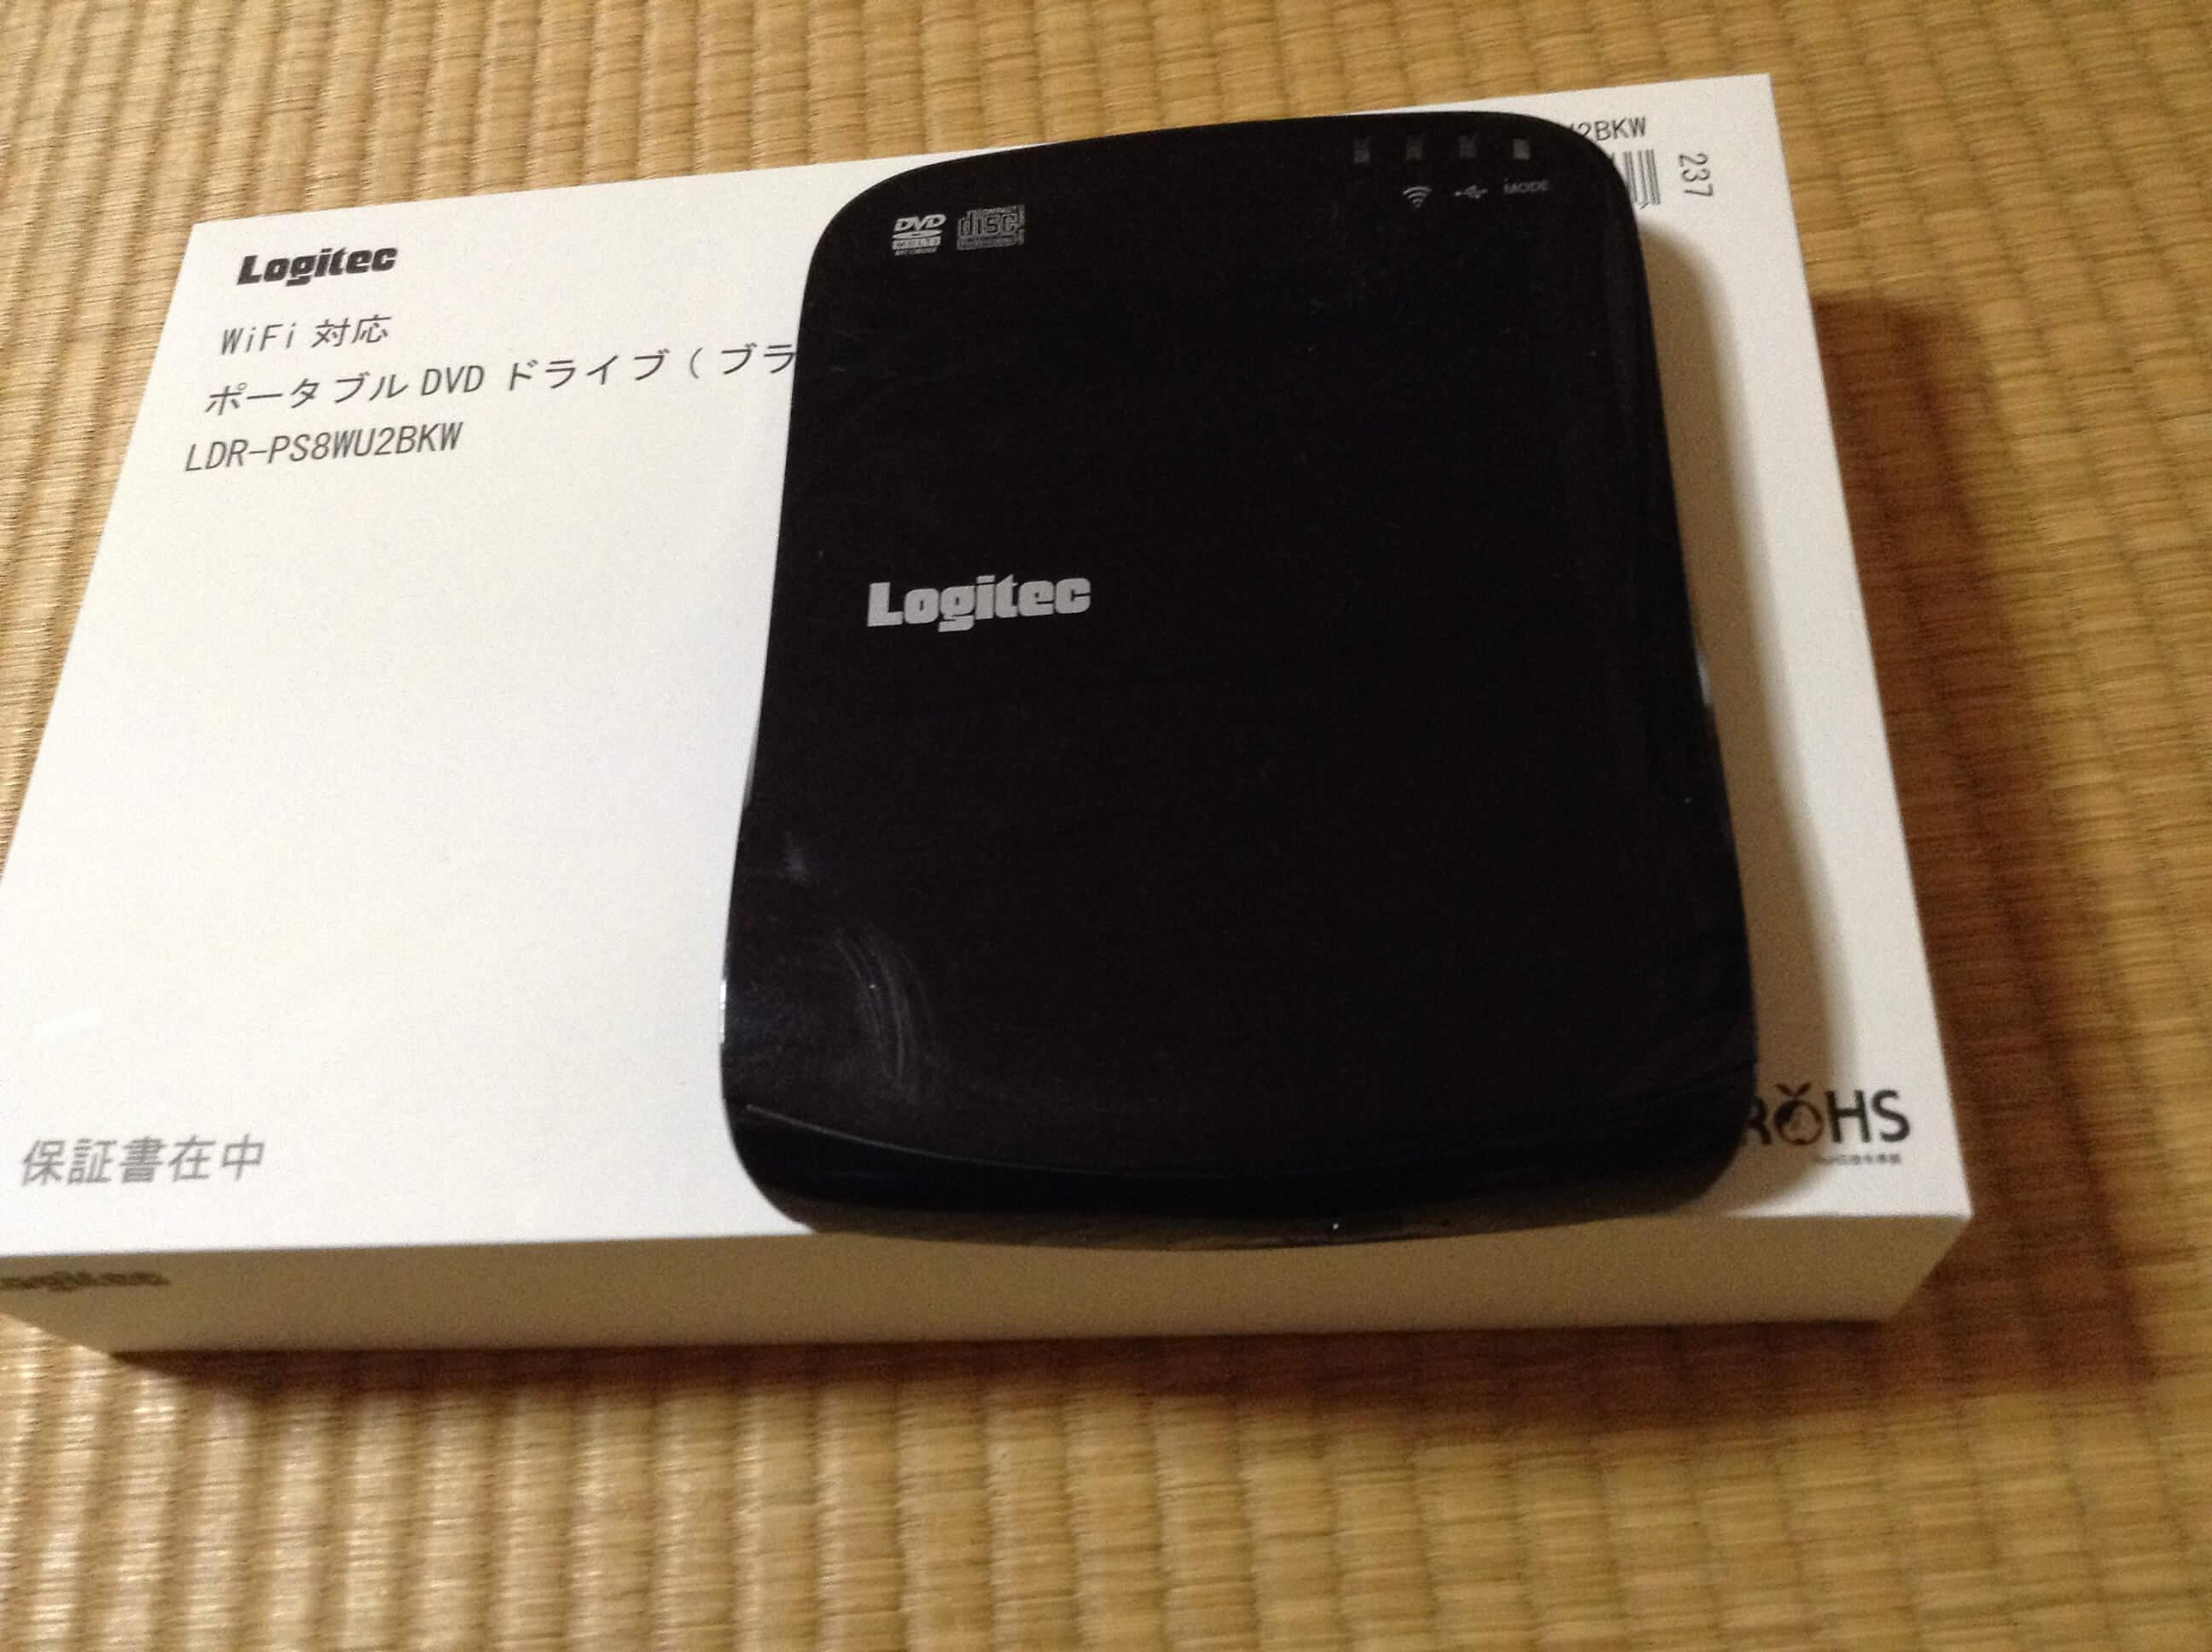 【無線LAN(Wi-Fi) 対応DVDドライバ】タブレットやスマホでDVDを観る方法